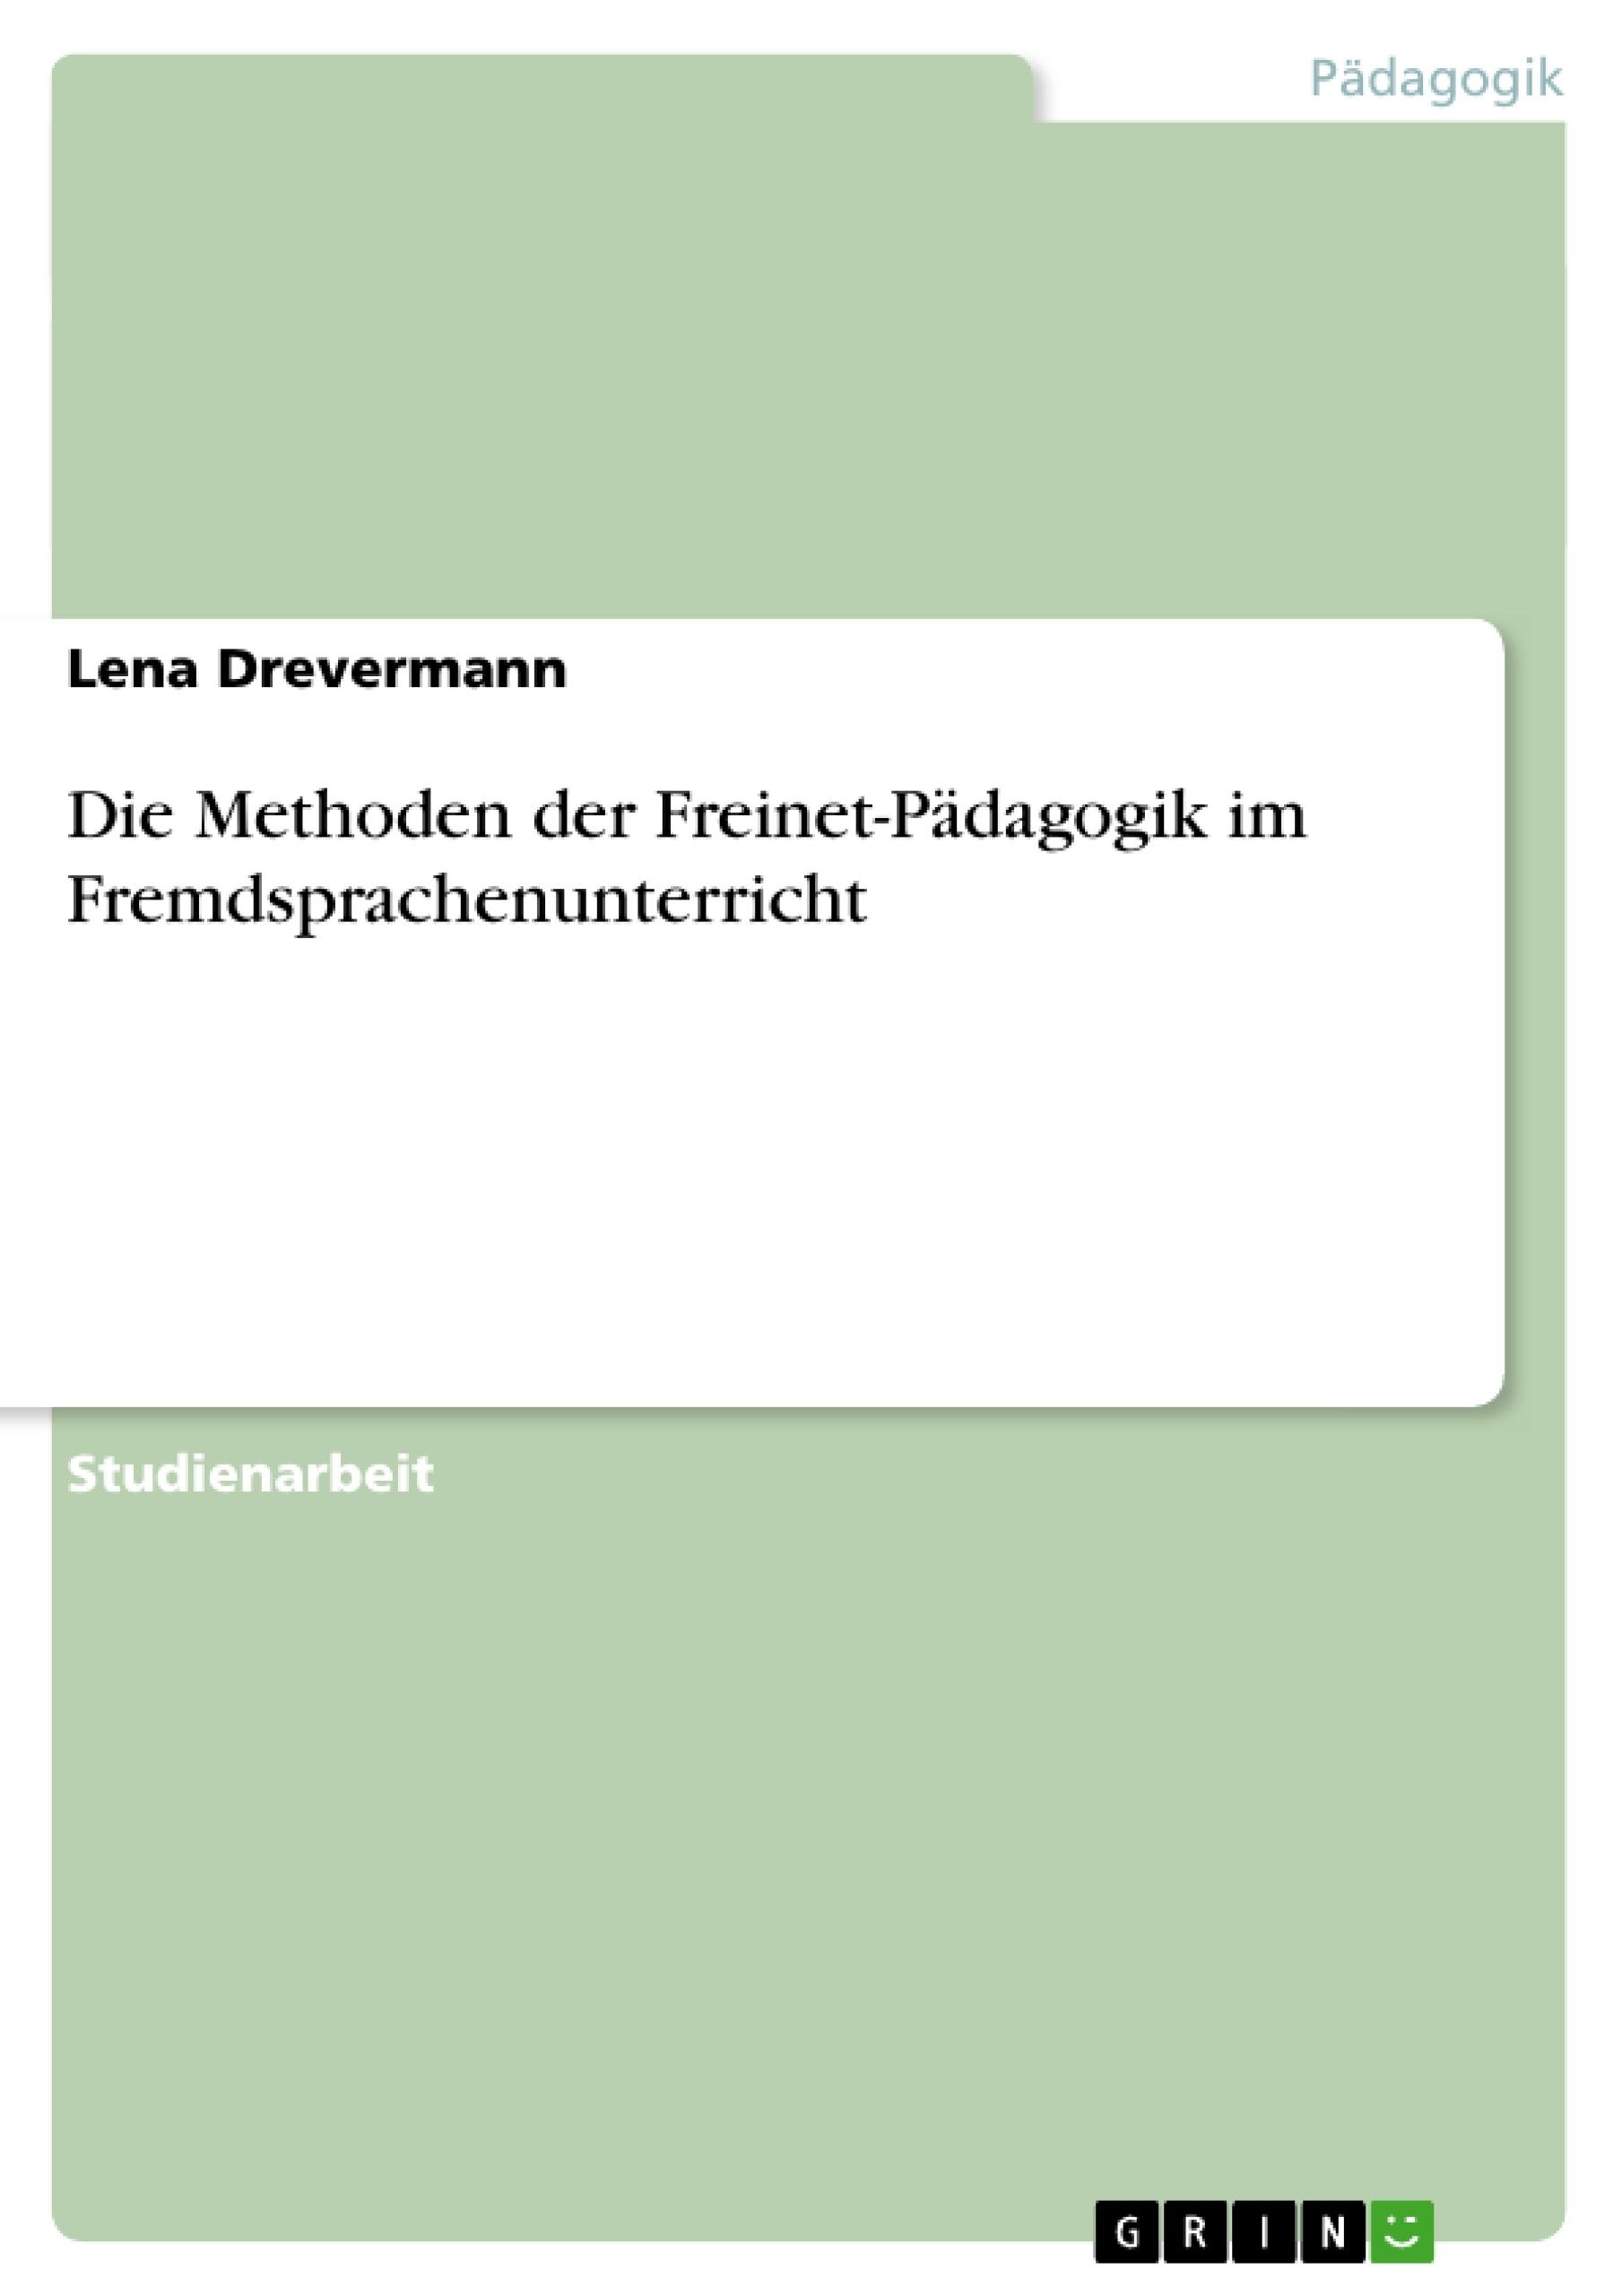 Titel: Die Methoden der Freinet-Pädagogik im Fremdsprachenunterricht